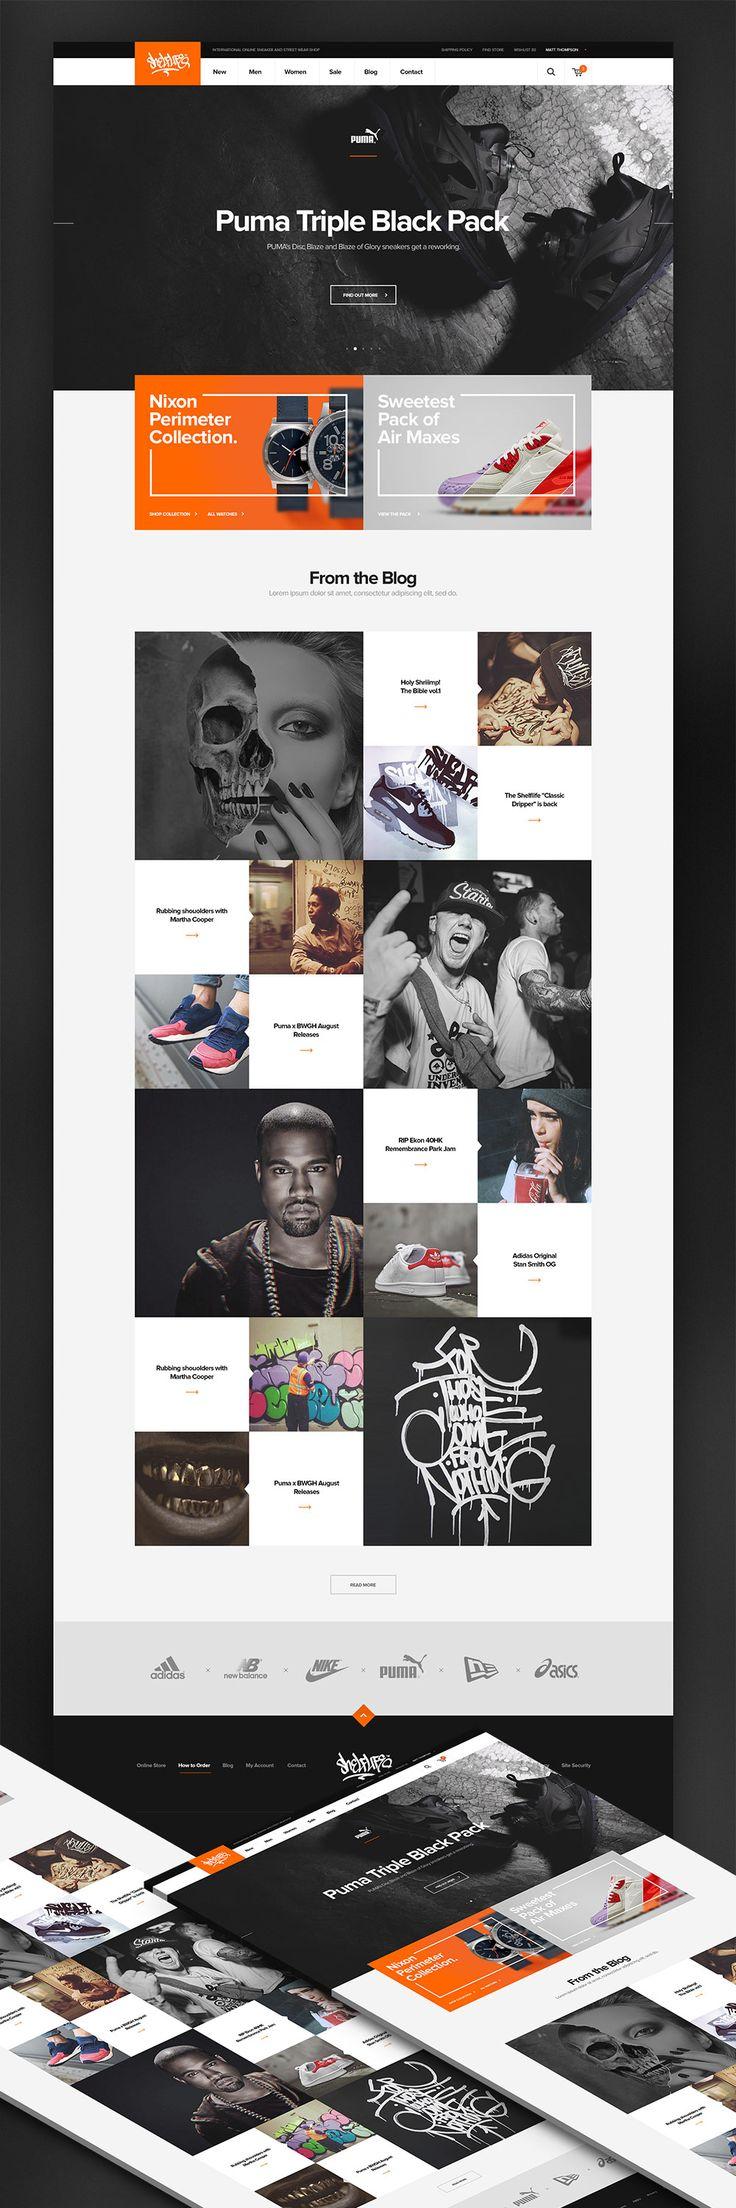 Mejores 16 imágenes de PSD site en Pinterest | Plantilla de página ...